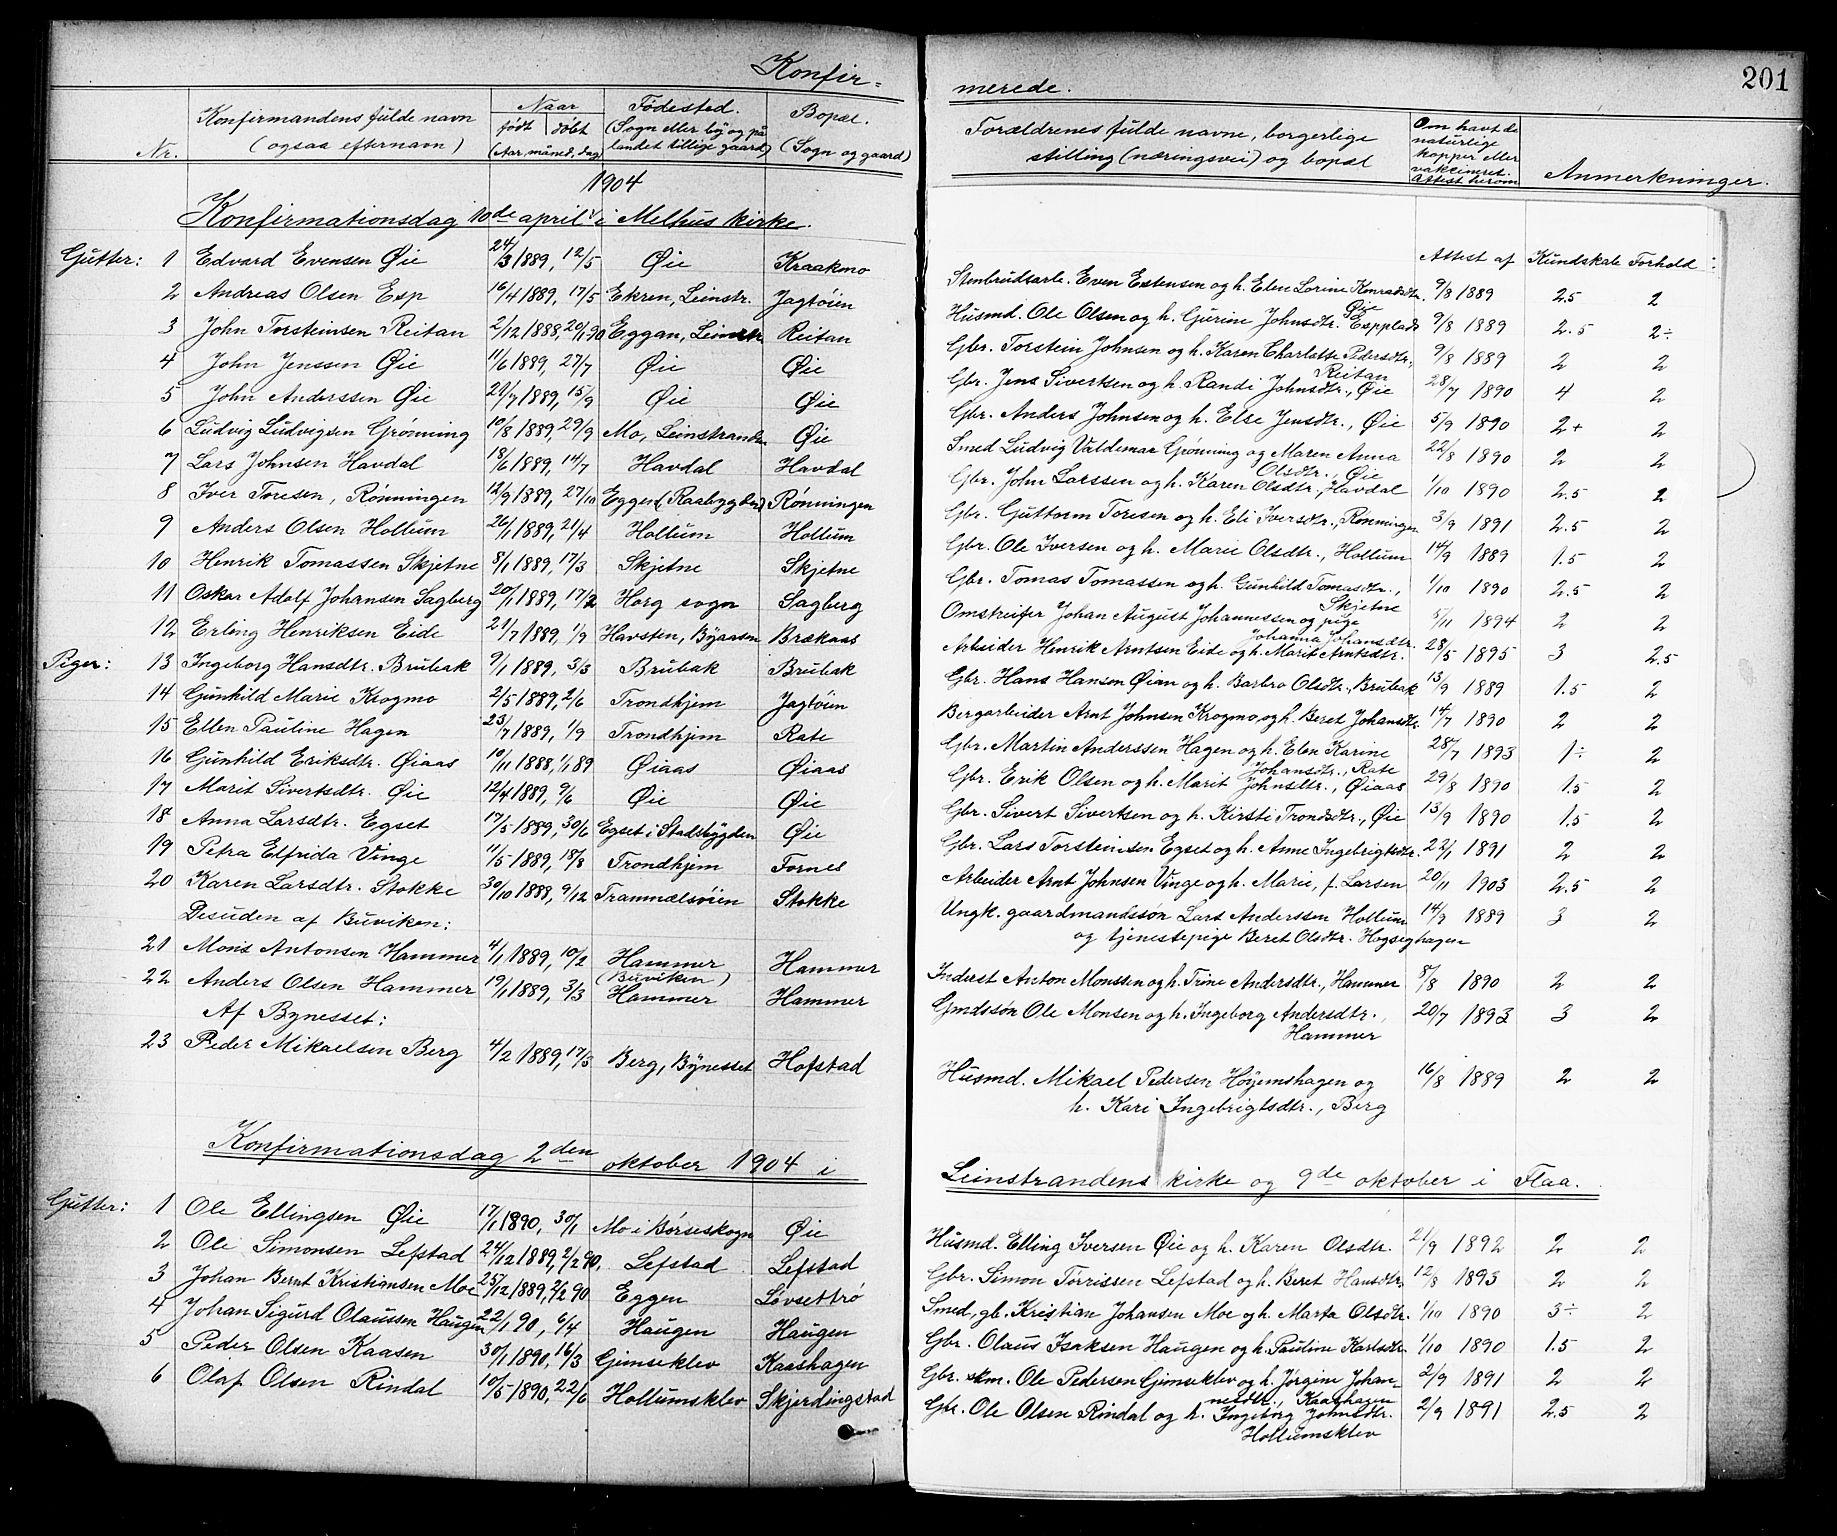 SAT, Ministerialprotokoller, klokkerbøker og fødselsregistre - Sør-Trøndelag, 691/L1094: Klokkerbok nr. 691C05, 1879-1911, s. 201a